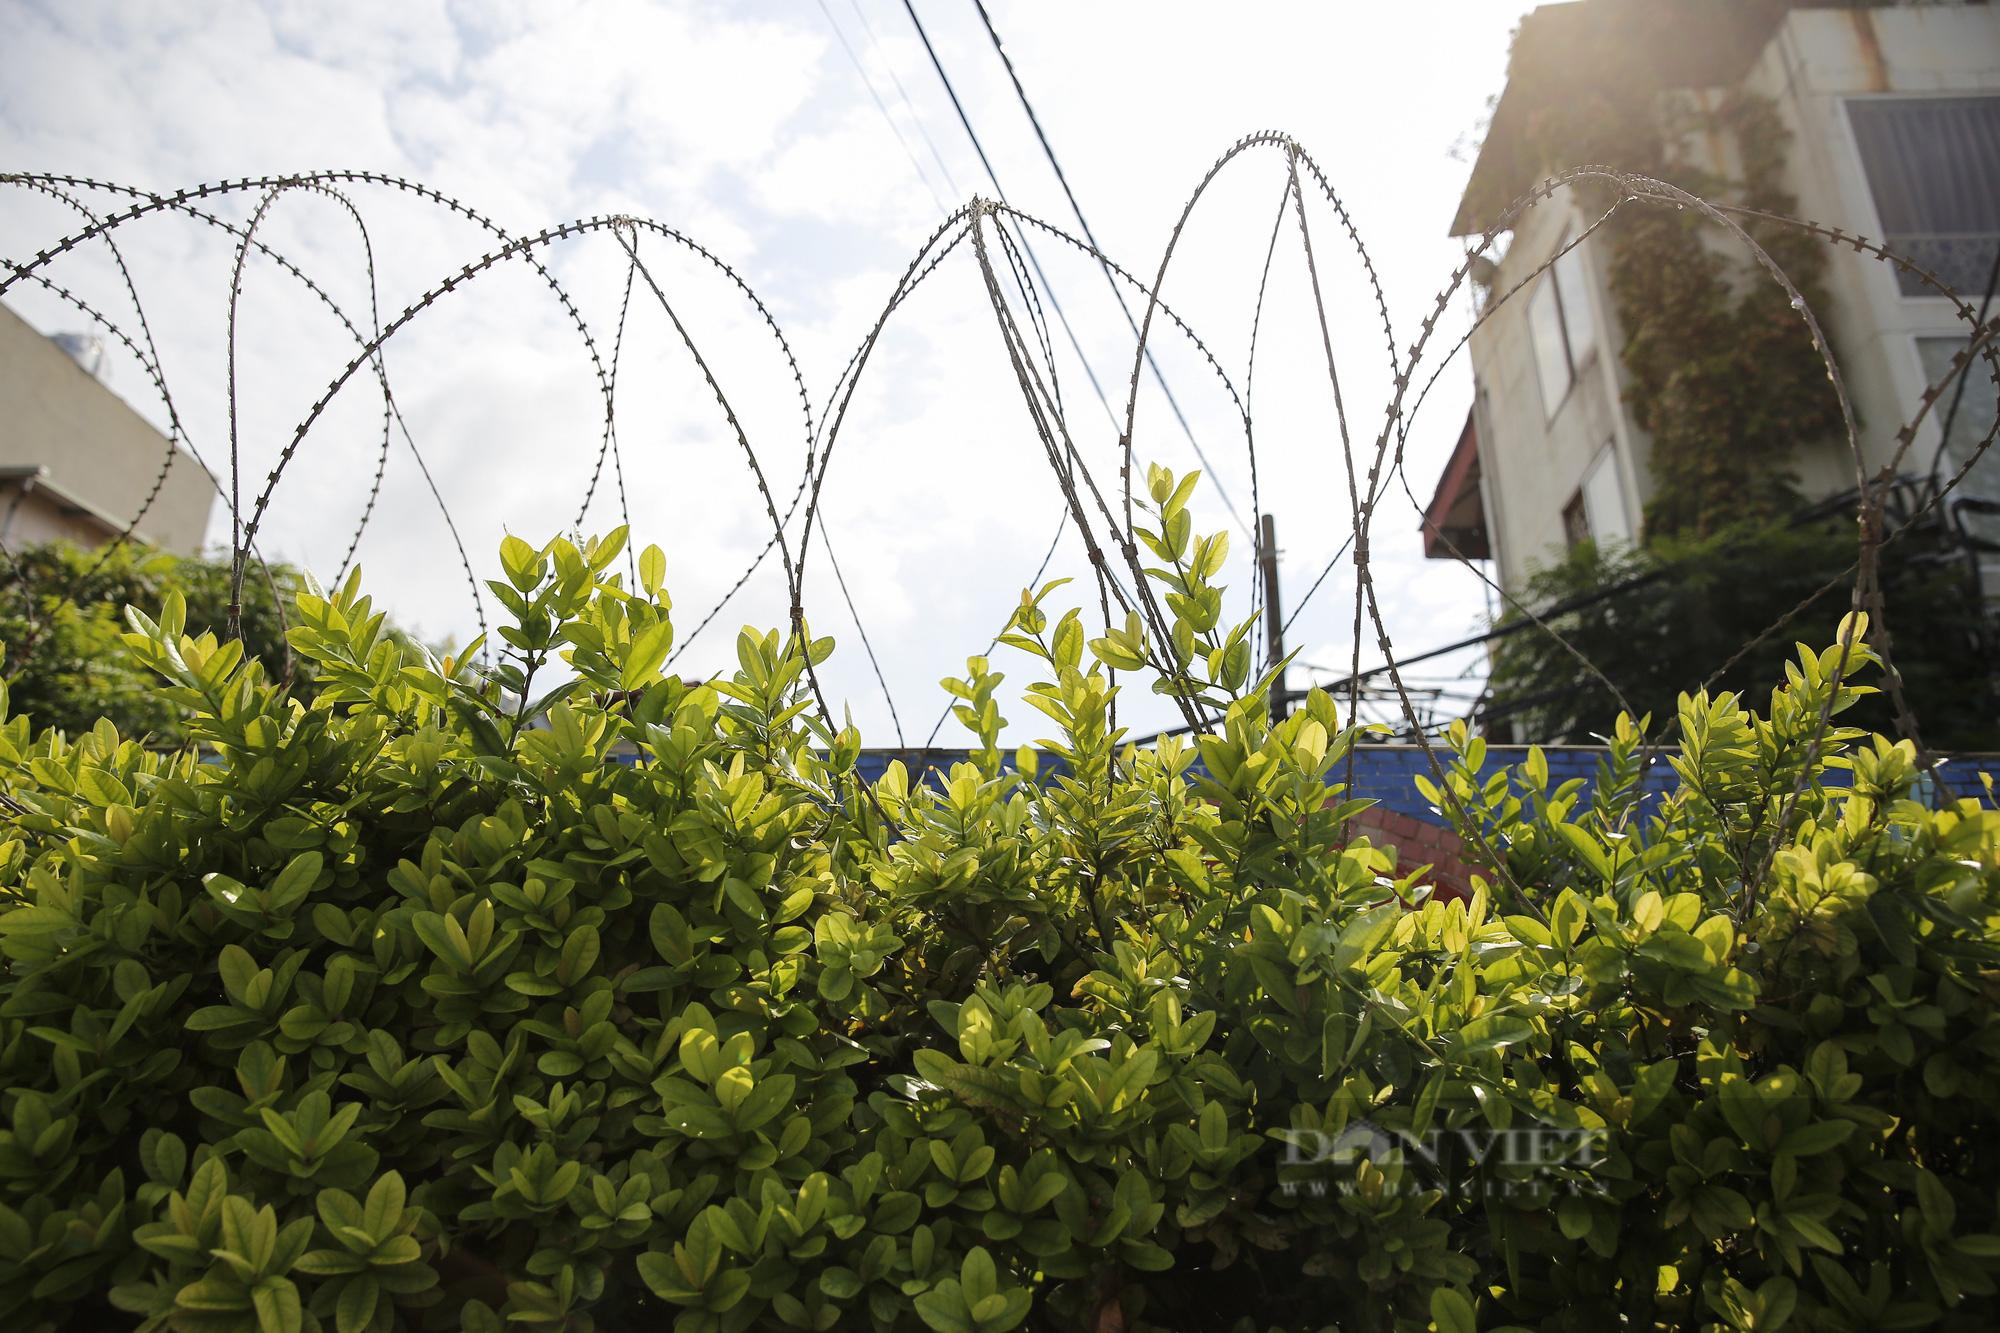 Hà Nội: Lập hàng rào dây thép gai tại khu vực phong tỏa để ngăn người vi phạm Chỉ thị cách ly - Ảnh 9.